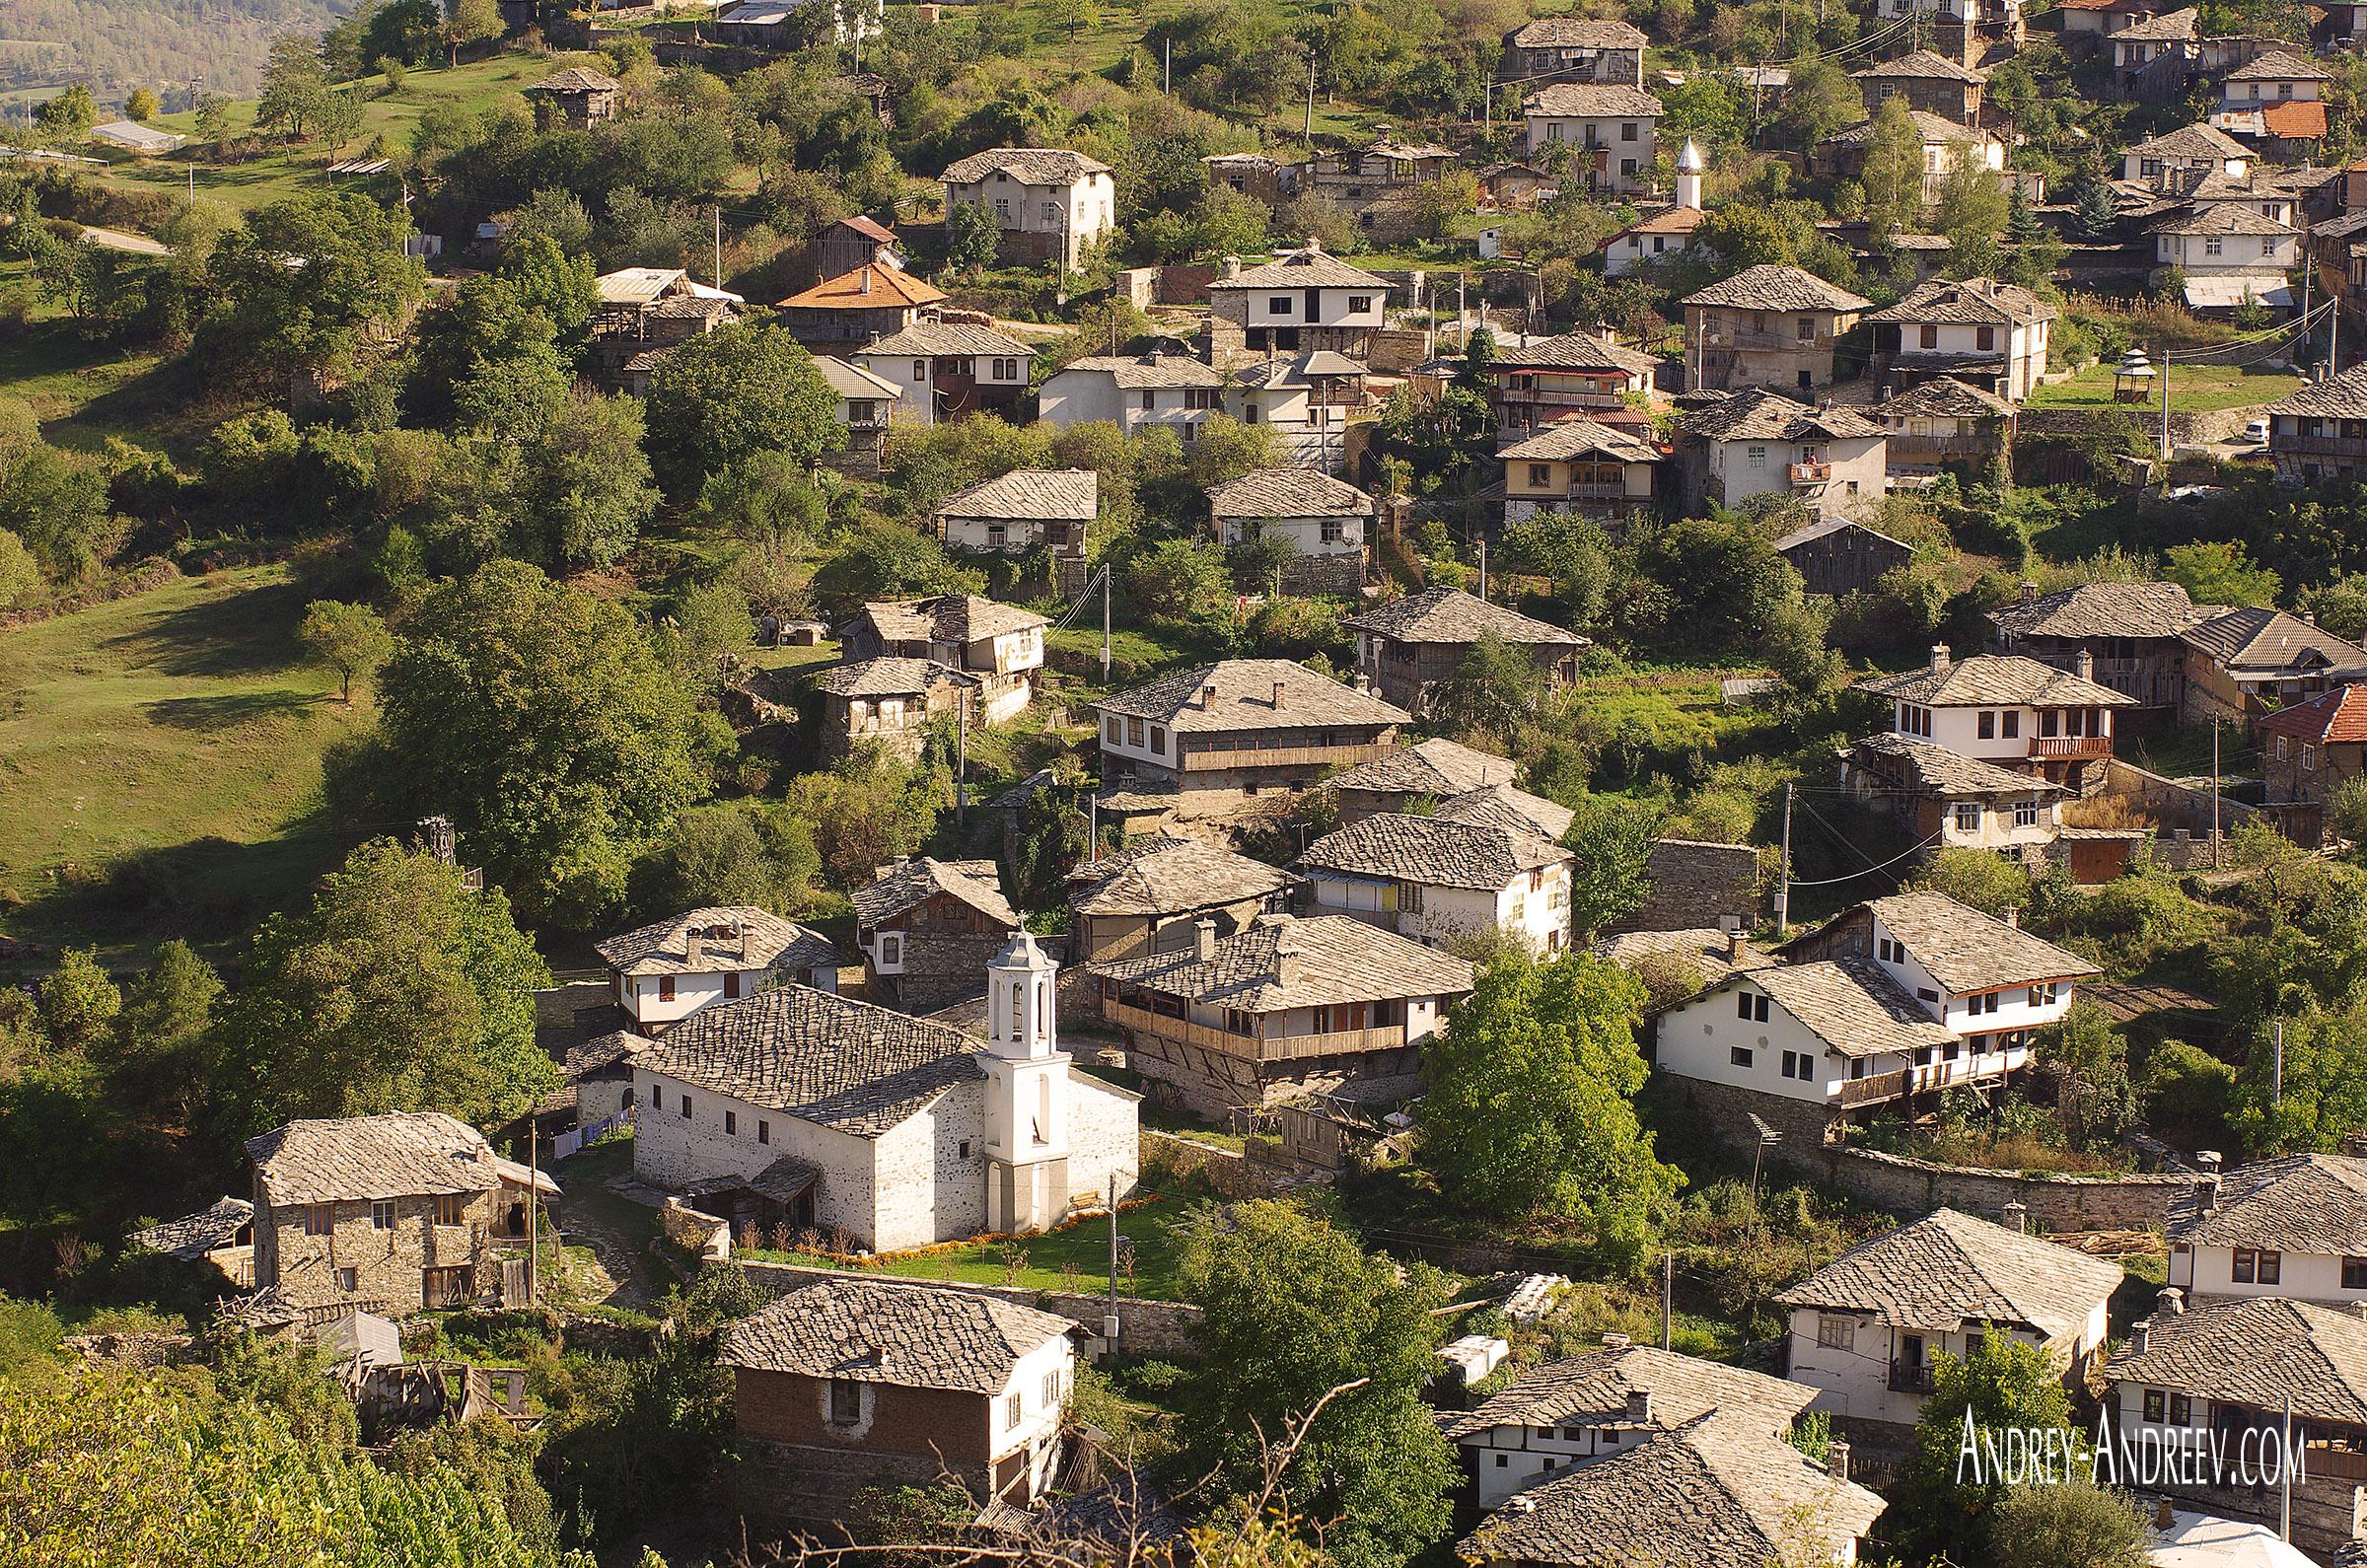 Село Долен / Dolen village